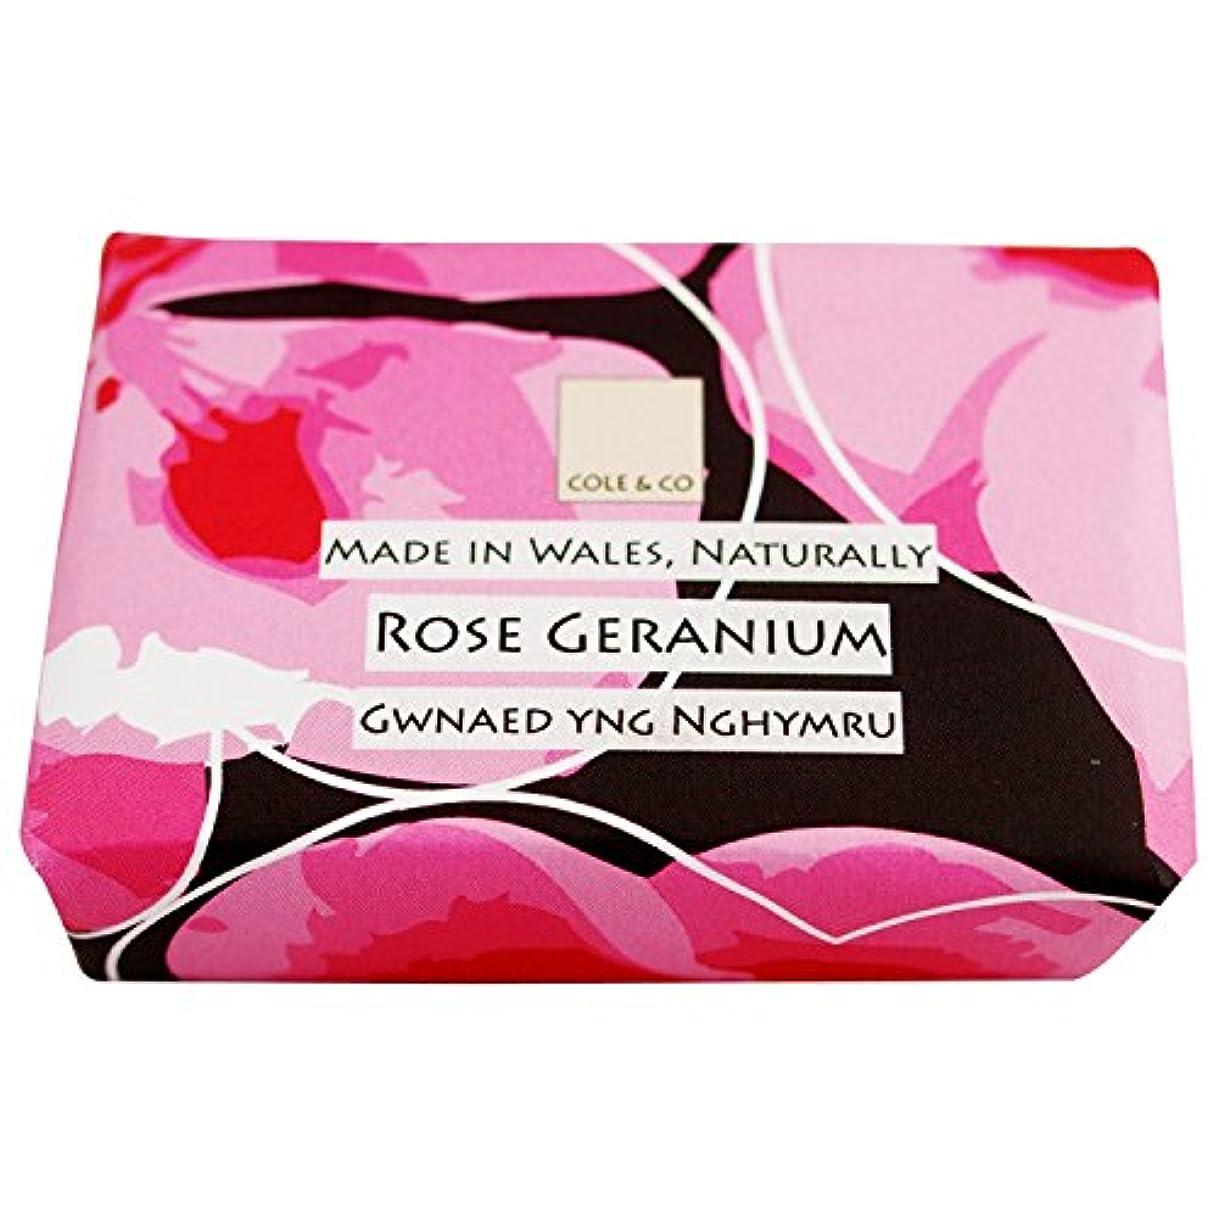 軽量代理人再撮りコール&Coはゼラニウム石鹸80グラムのバラ (Cole & Co) (x6) - Cole & Co Rose Geranium Soap 80g (Pack of 6) [並行輸入品]